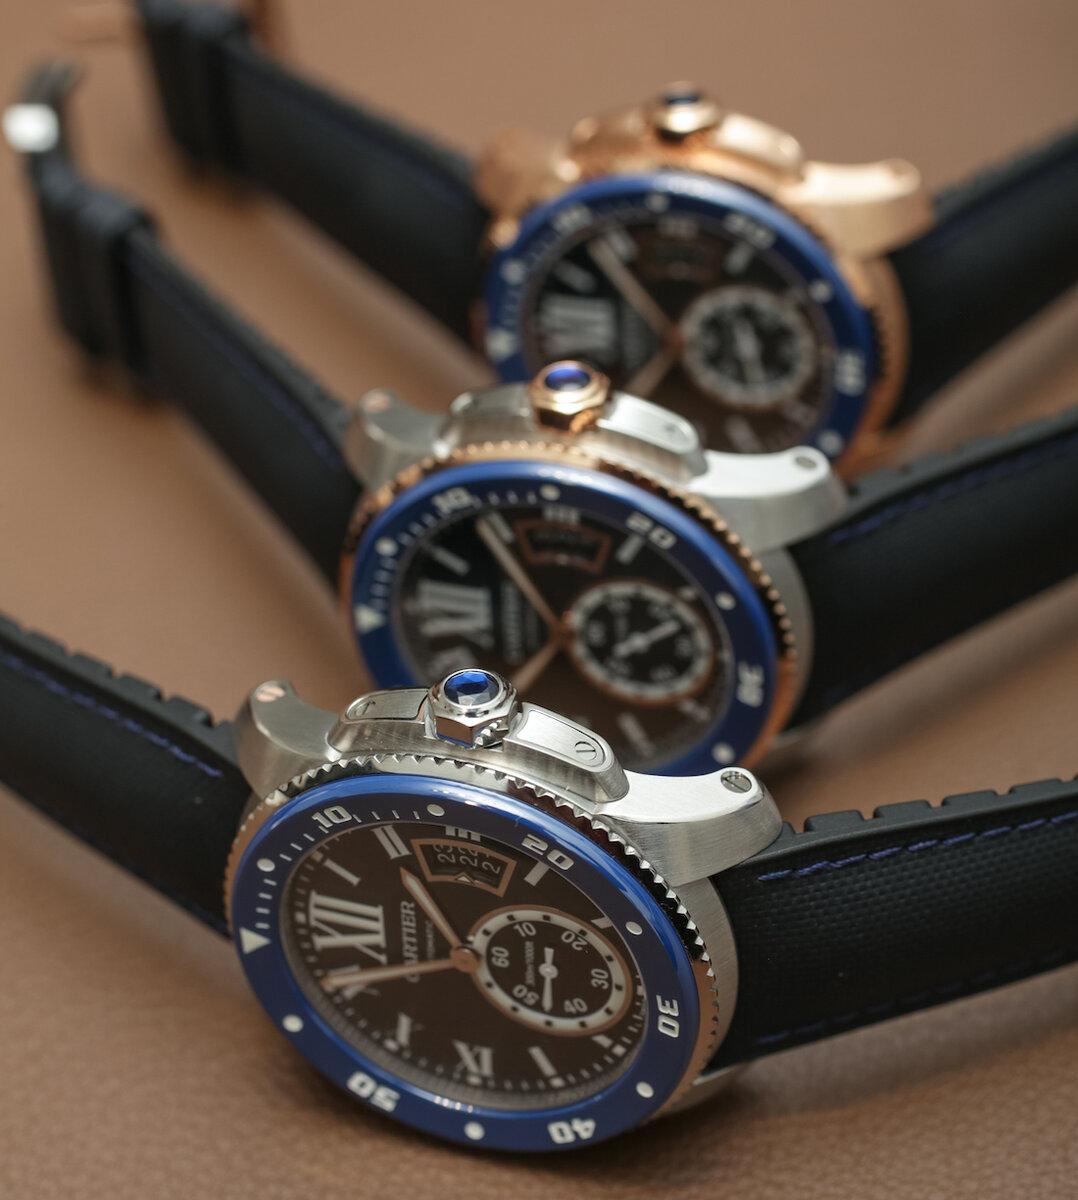 Cartier-Calibre-de-Cartier-Diver-Blue-6.